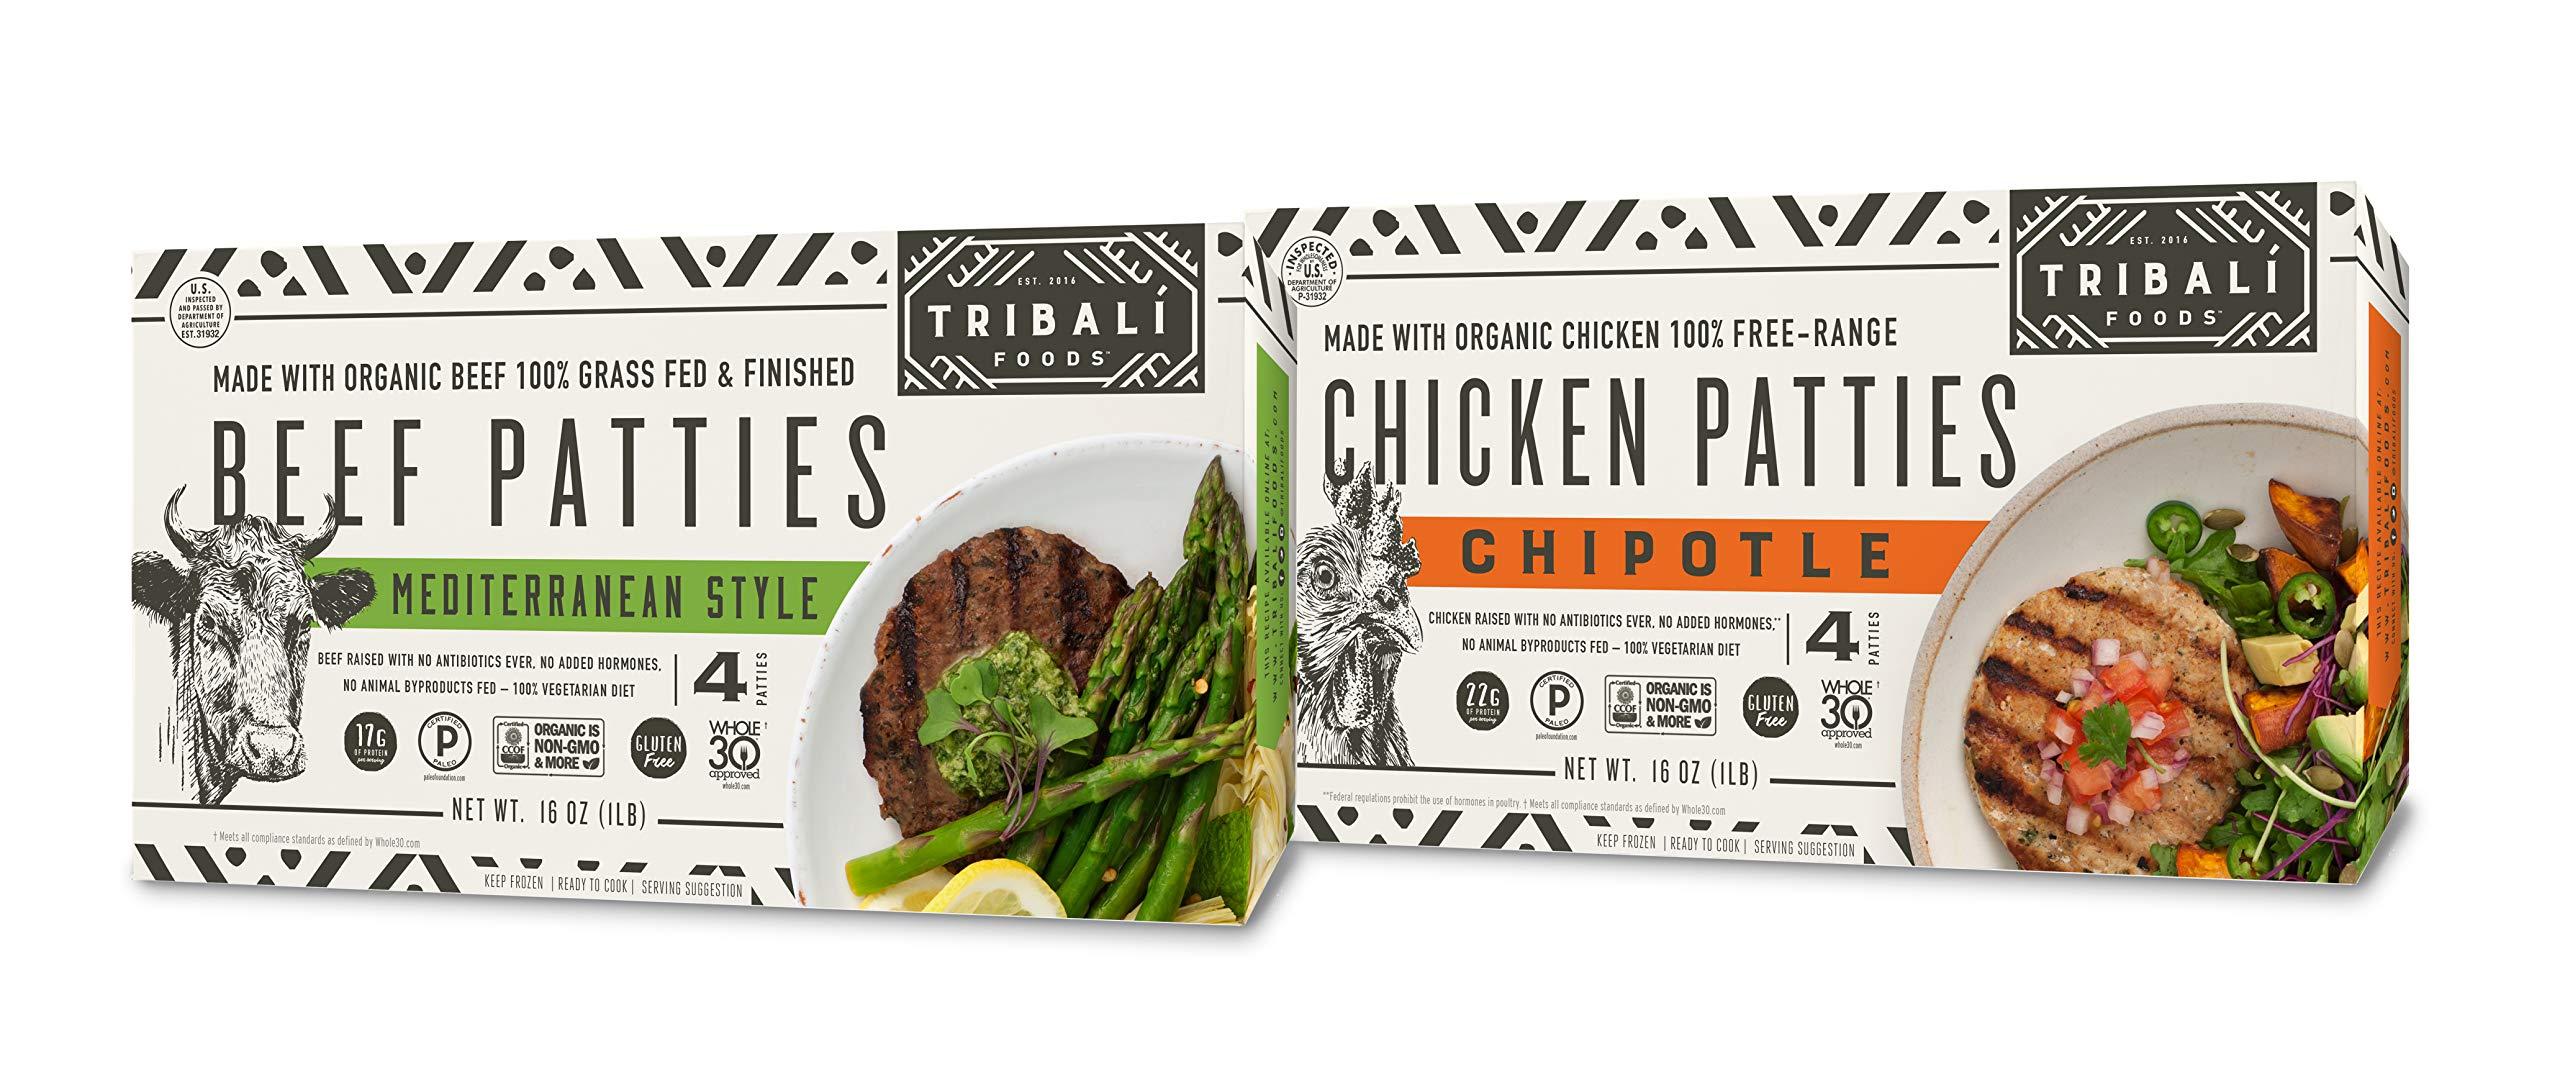 TRIBALI FOODS Beef Patty Umami Style S0, 16 OZ